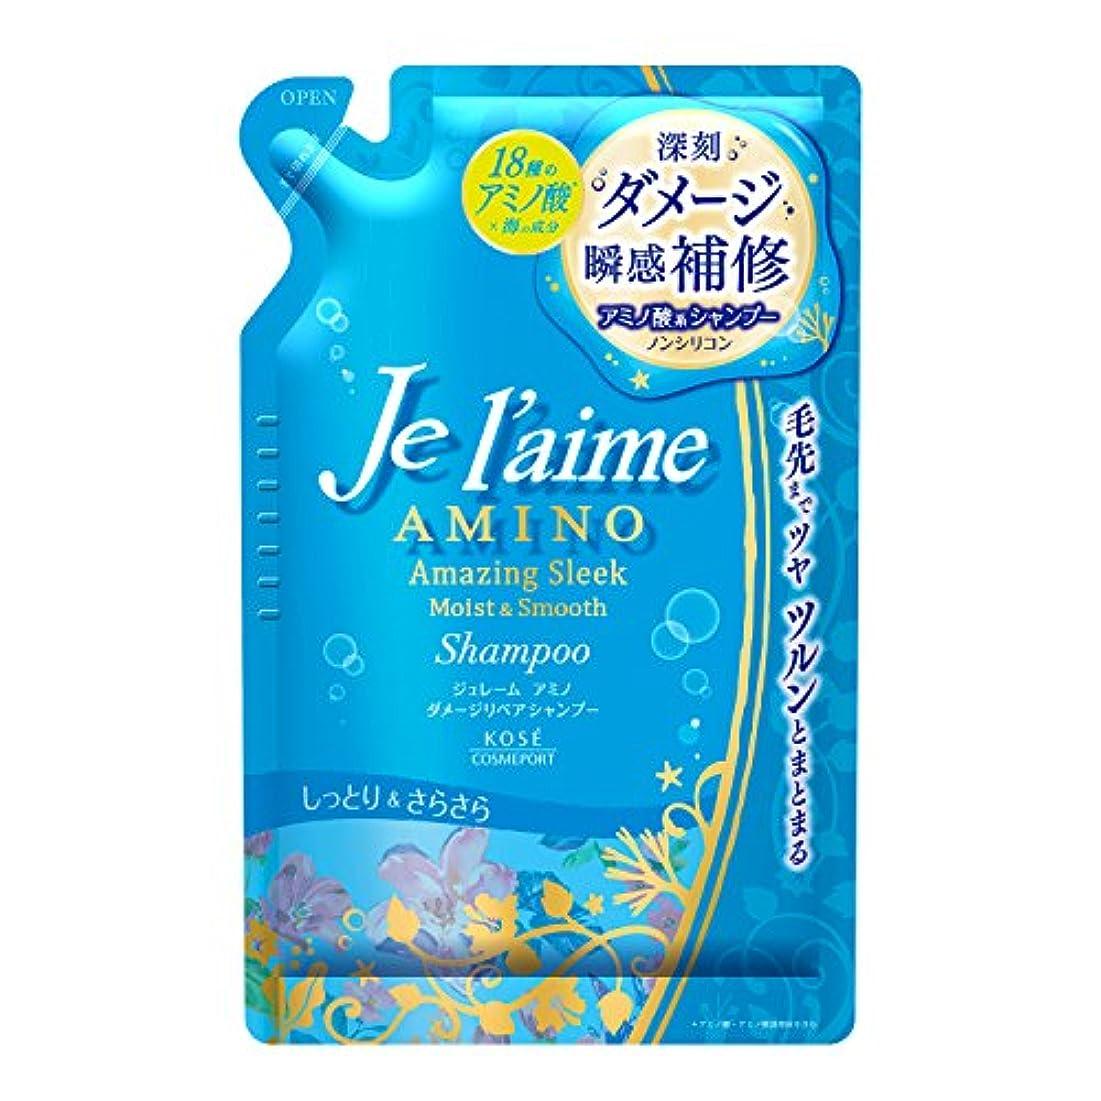 宝石気づくラリーKOSE コーセー ジュレーム アミノ ダメージ リペア シャンプー ノンシリコン アミノ酸 配合 (モイスト & スムース) つめかえ 400ml